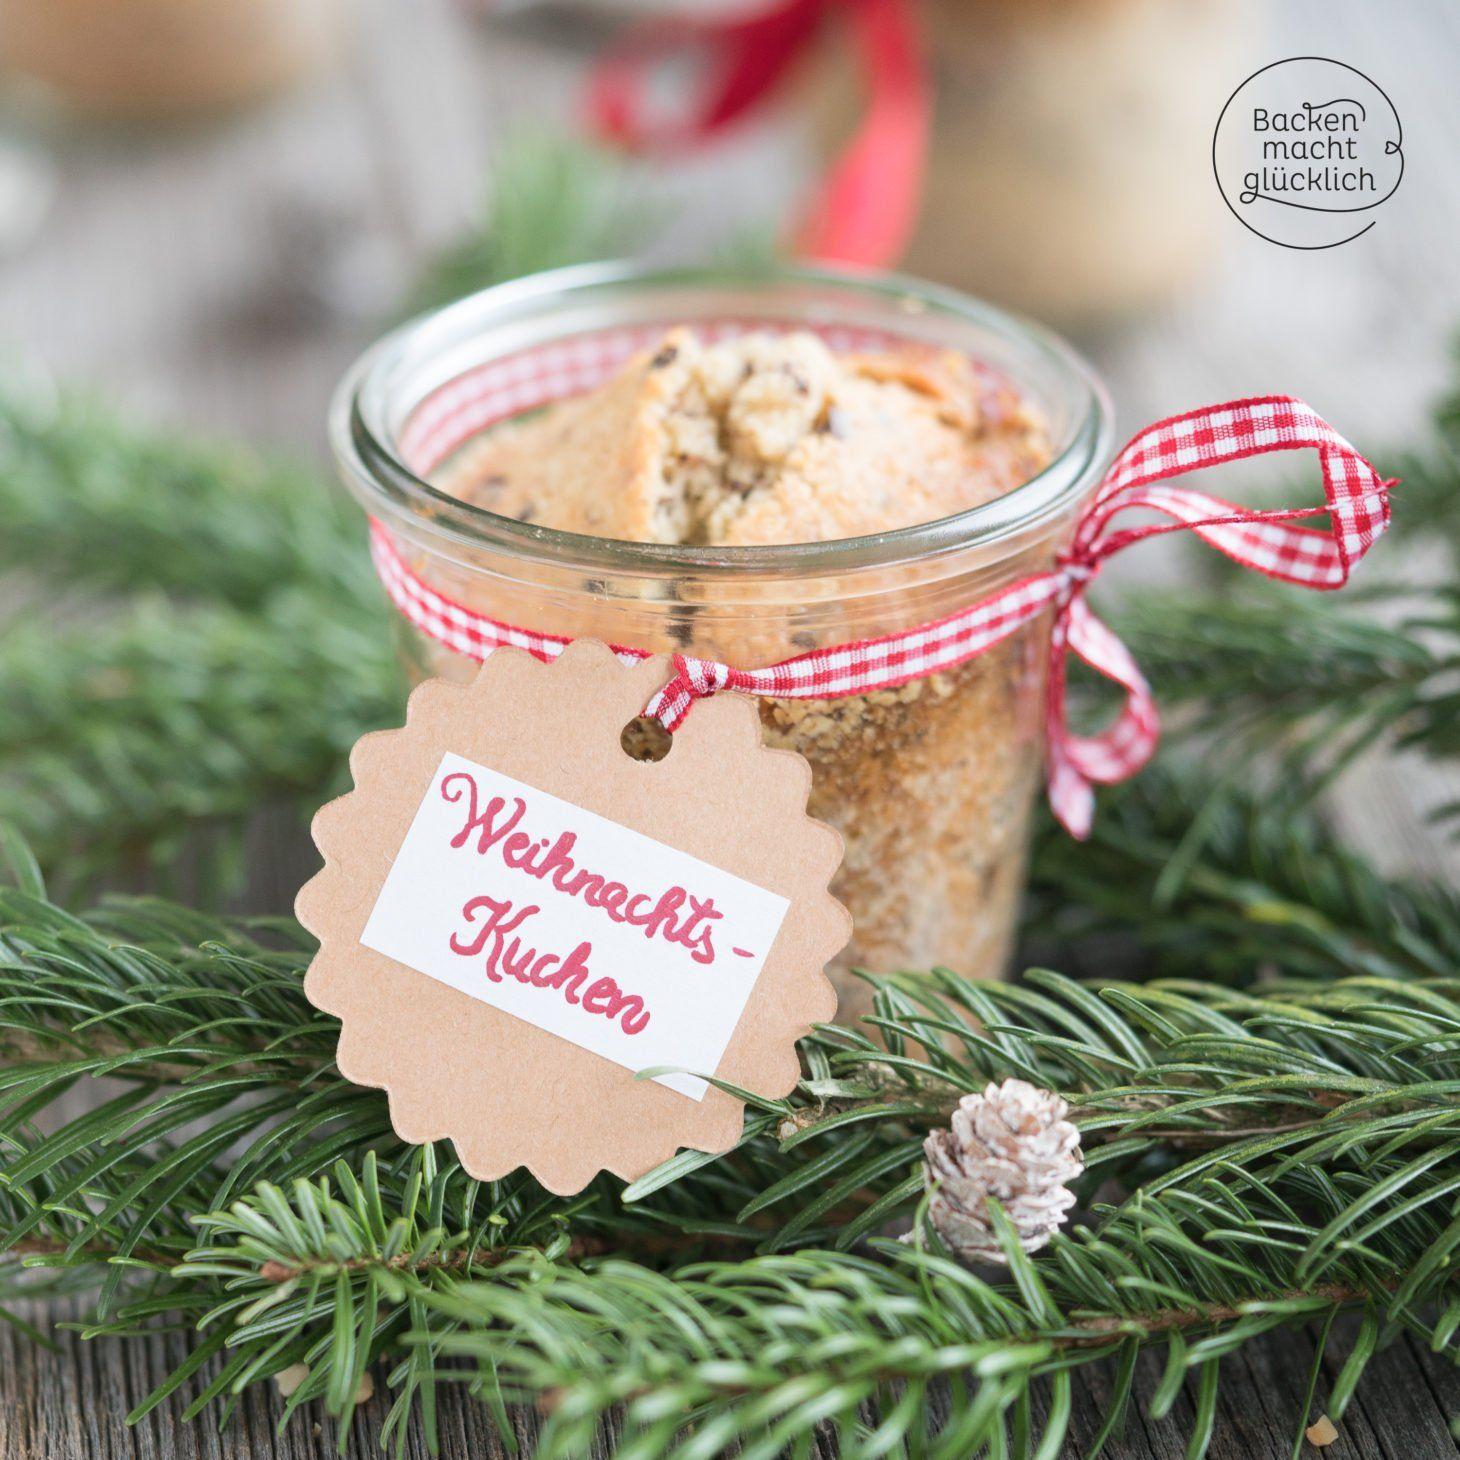 Einfaches Rezept für einen leckeren Weihnachtskuchen im